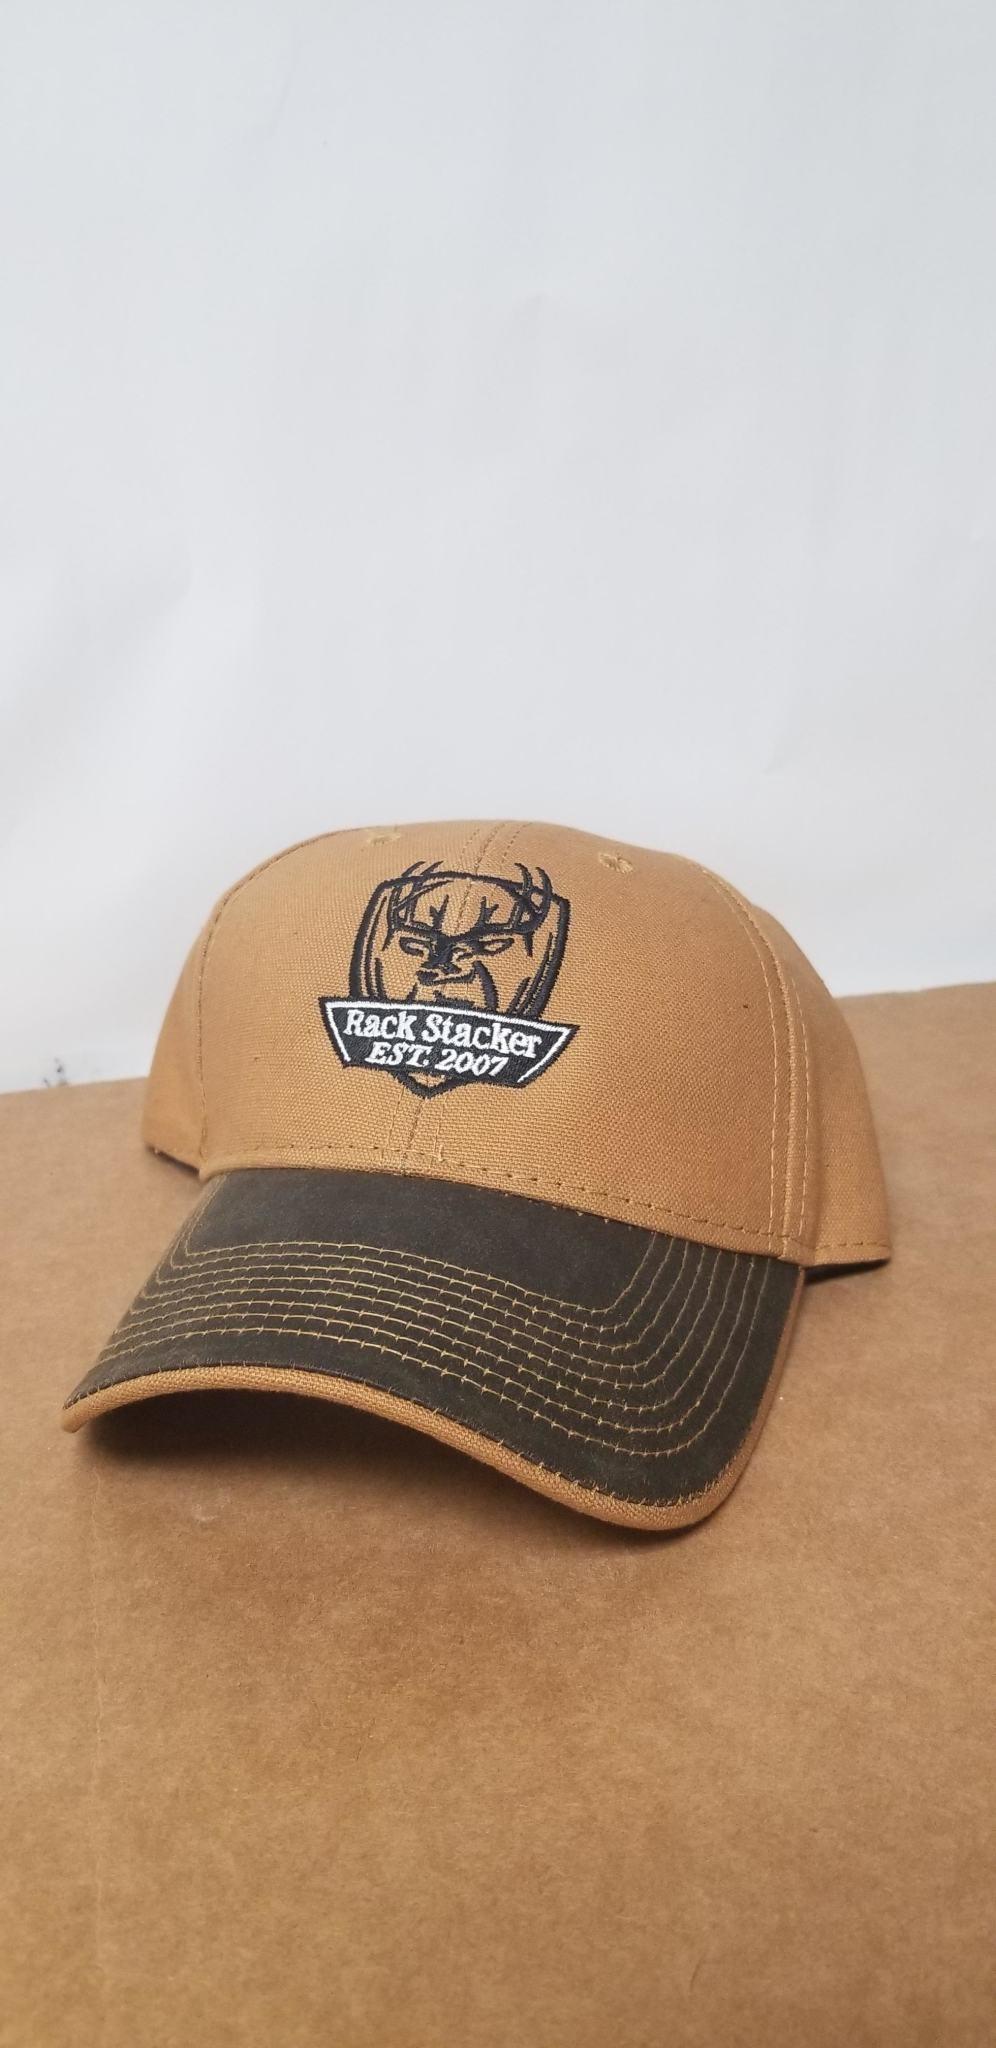 Rack Stacker Rack Stacker hats